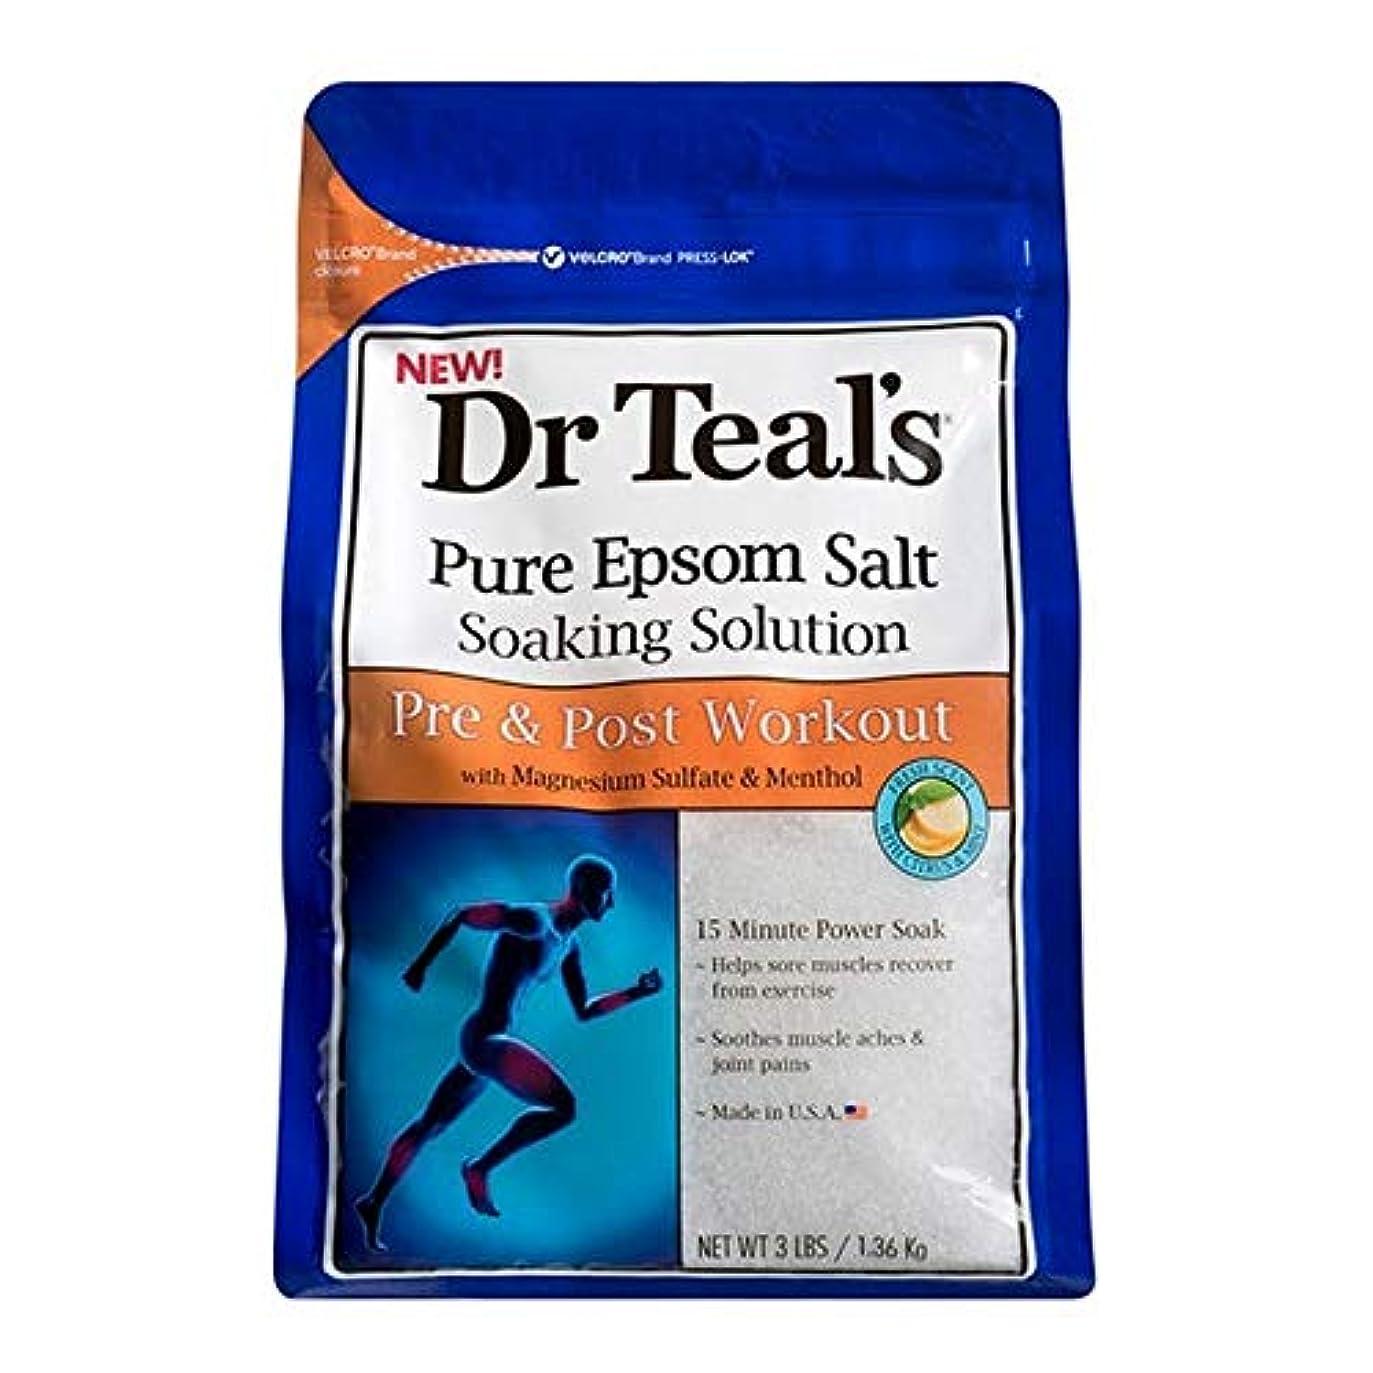 阻害する気分が良い考古学[Dr Teals] Drのティールの均熱Bathsalt前N個のポストワークアウト1.36キロ - Dr Teal's Soaking Bathsalt Pre N Post Workout 1.36 kg [並行輸入品]